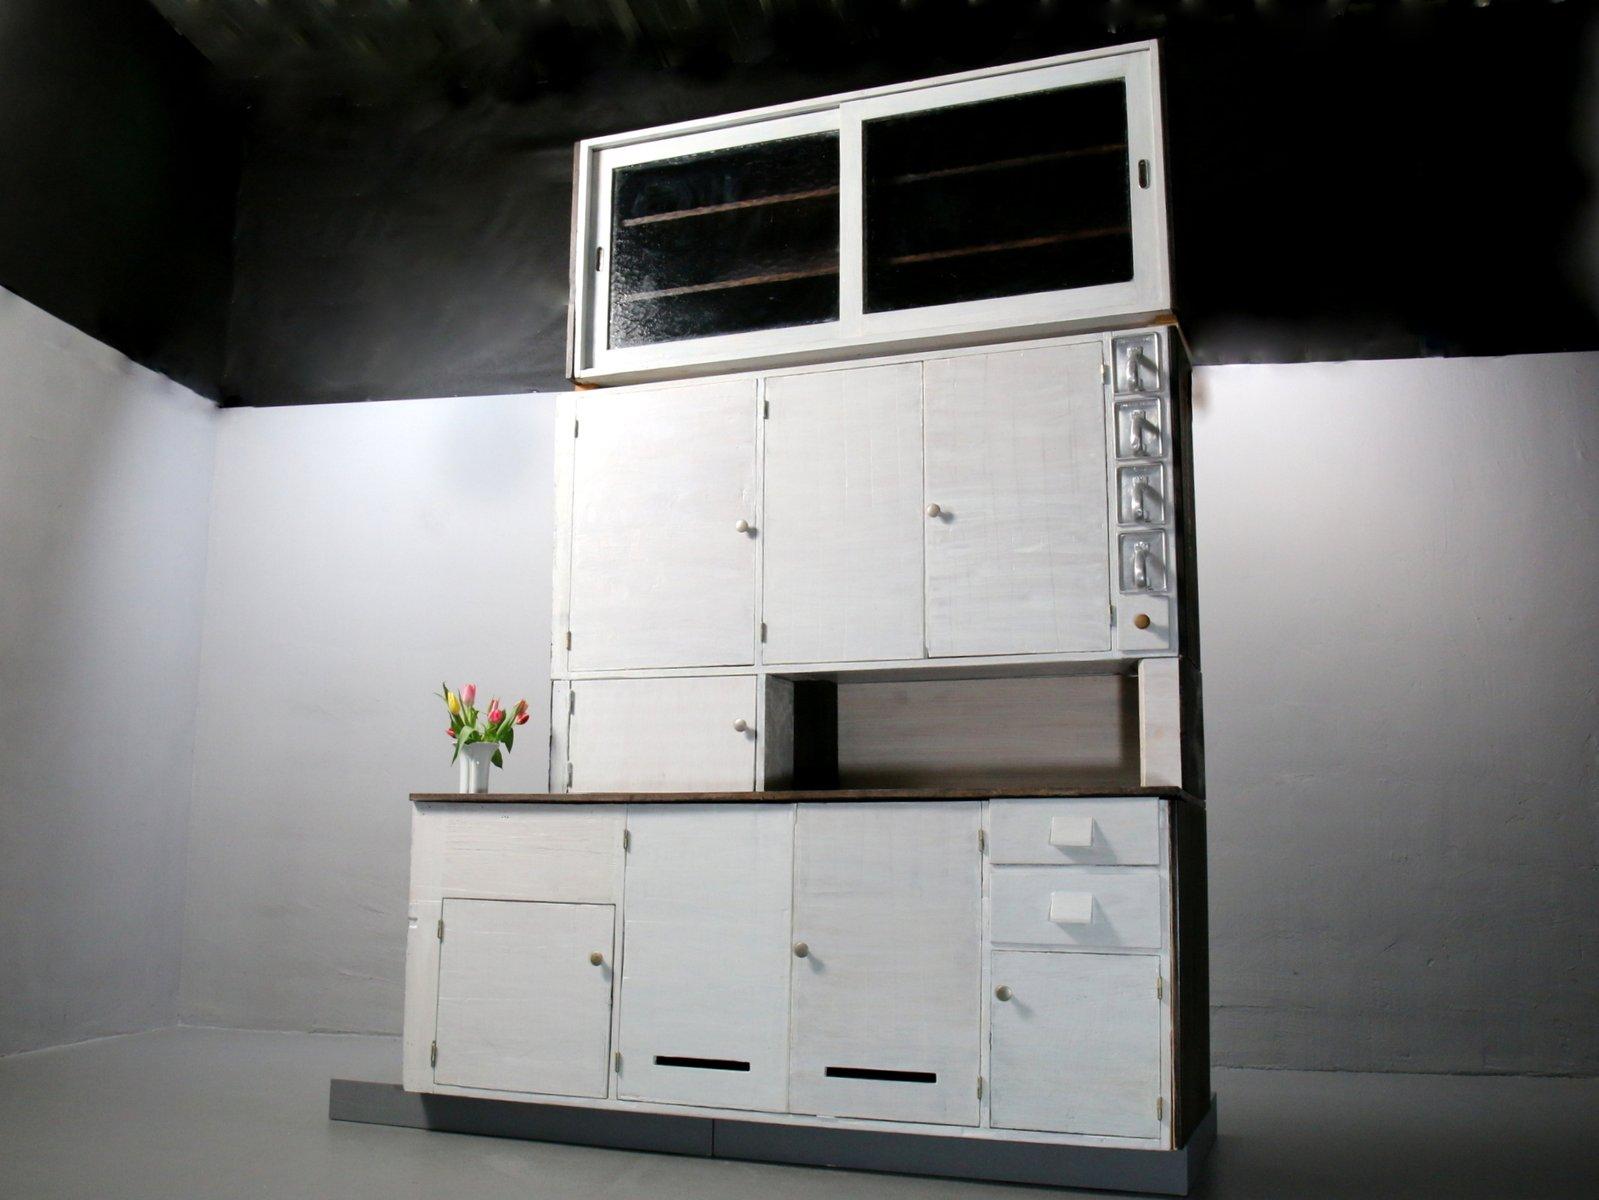 frankfurt kitchen by margarete sch tte lihotzky 1929 for sale at pamono. Black Bedroom Furniture Sets. Home Design Ideas